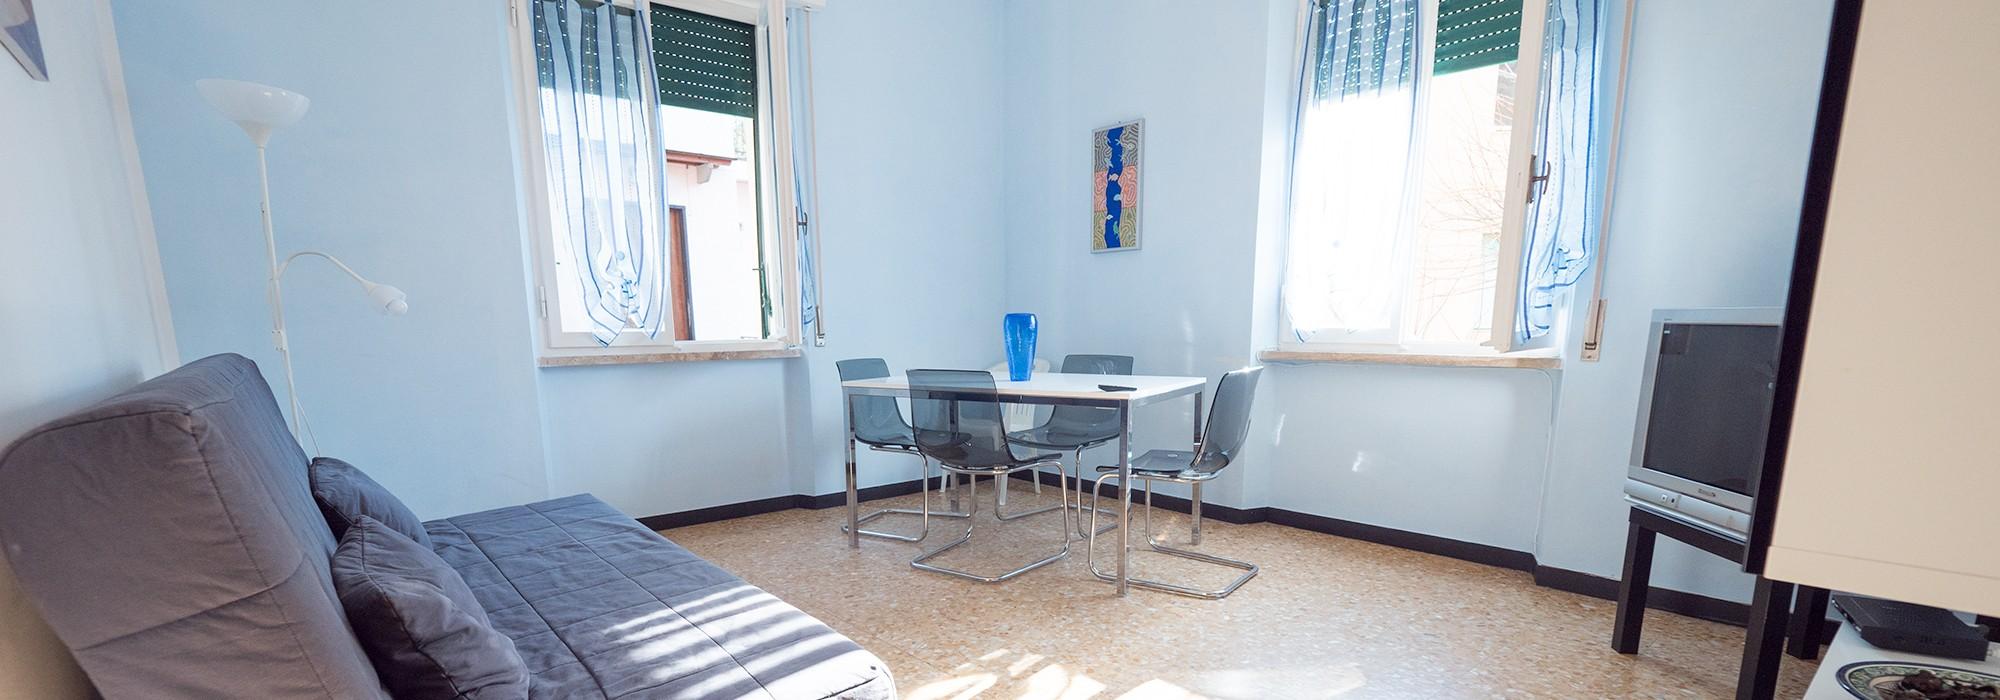 Grazioso Appartamento con Terrazzo